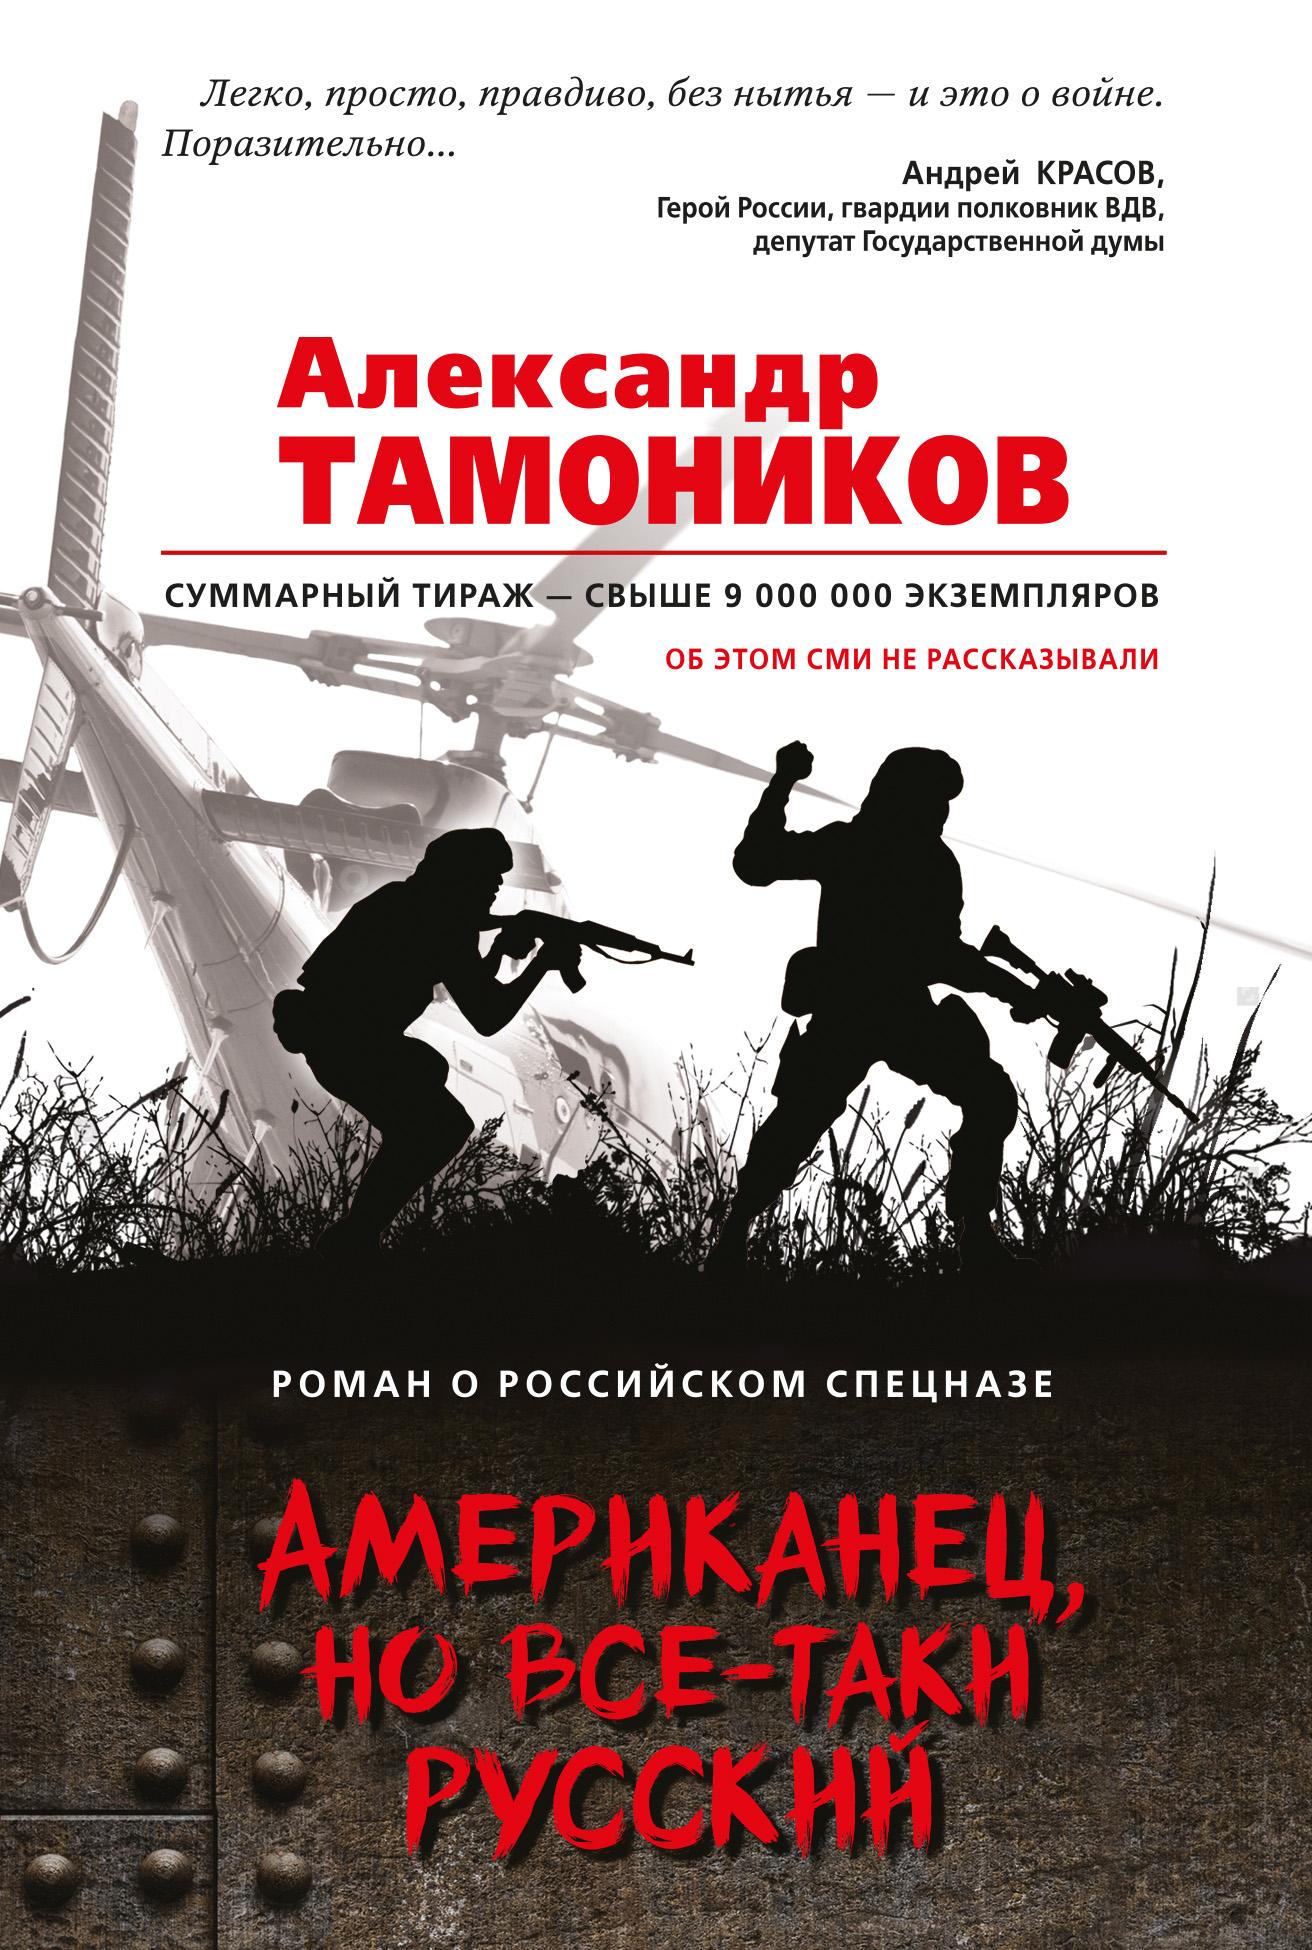 Американец, но все-таки русский